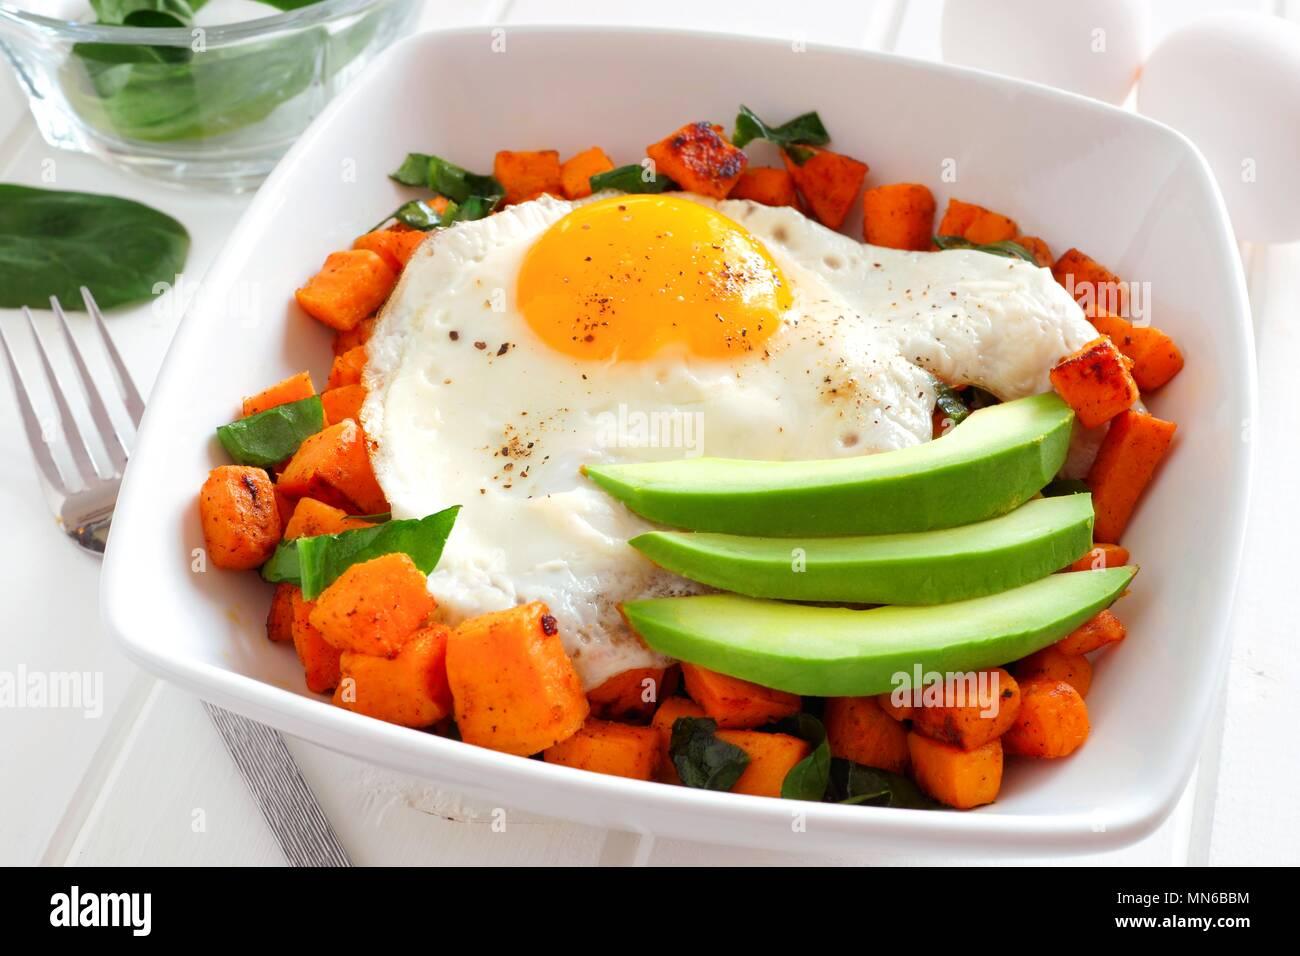 Des éléments nutritifs avec petit-déjeuner bol de pommes de terre, œuf, l'avocat et les épinards, Close up scène table Photo Stock